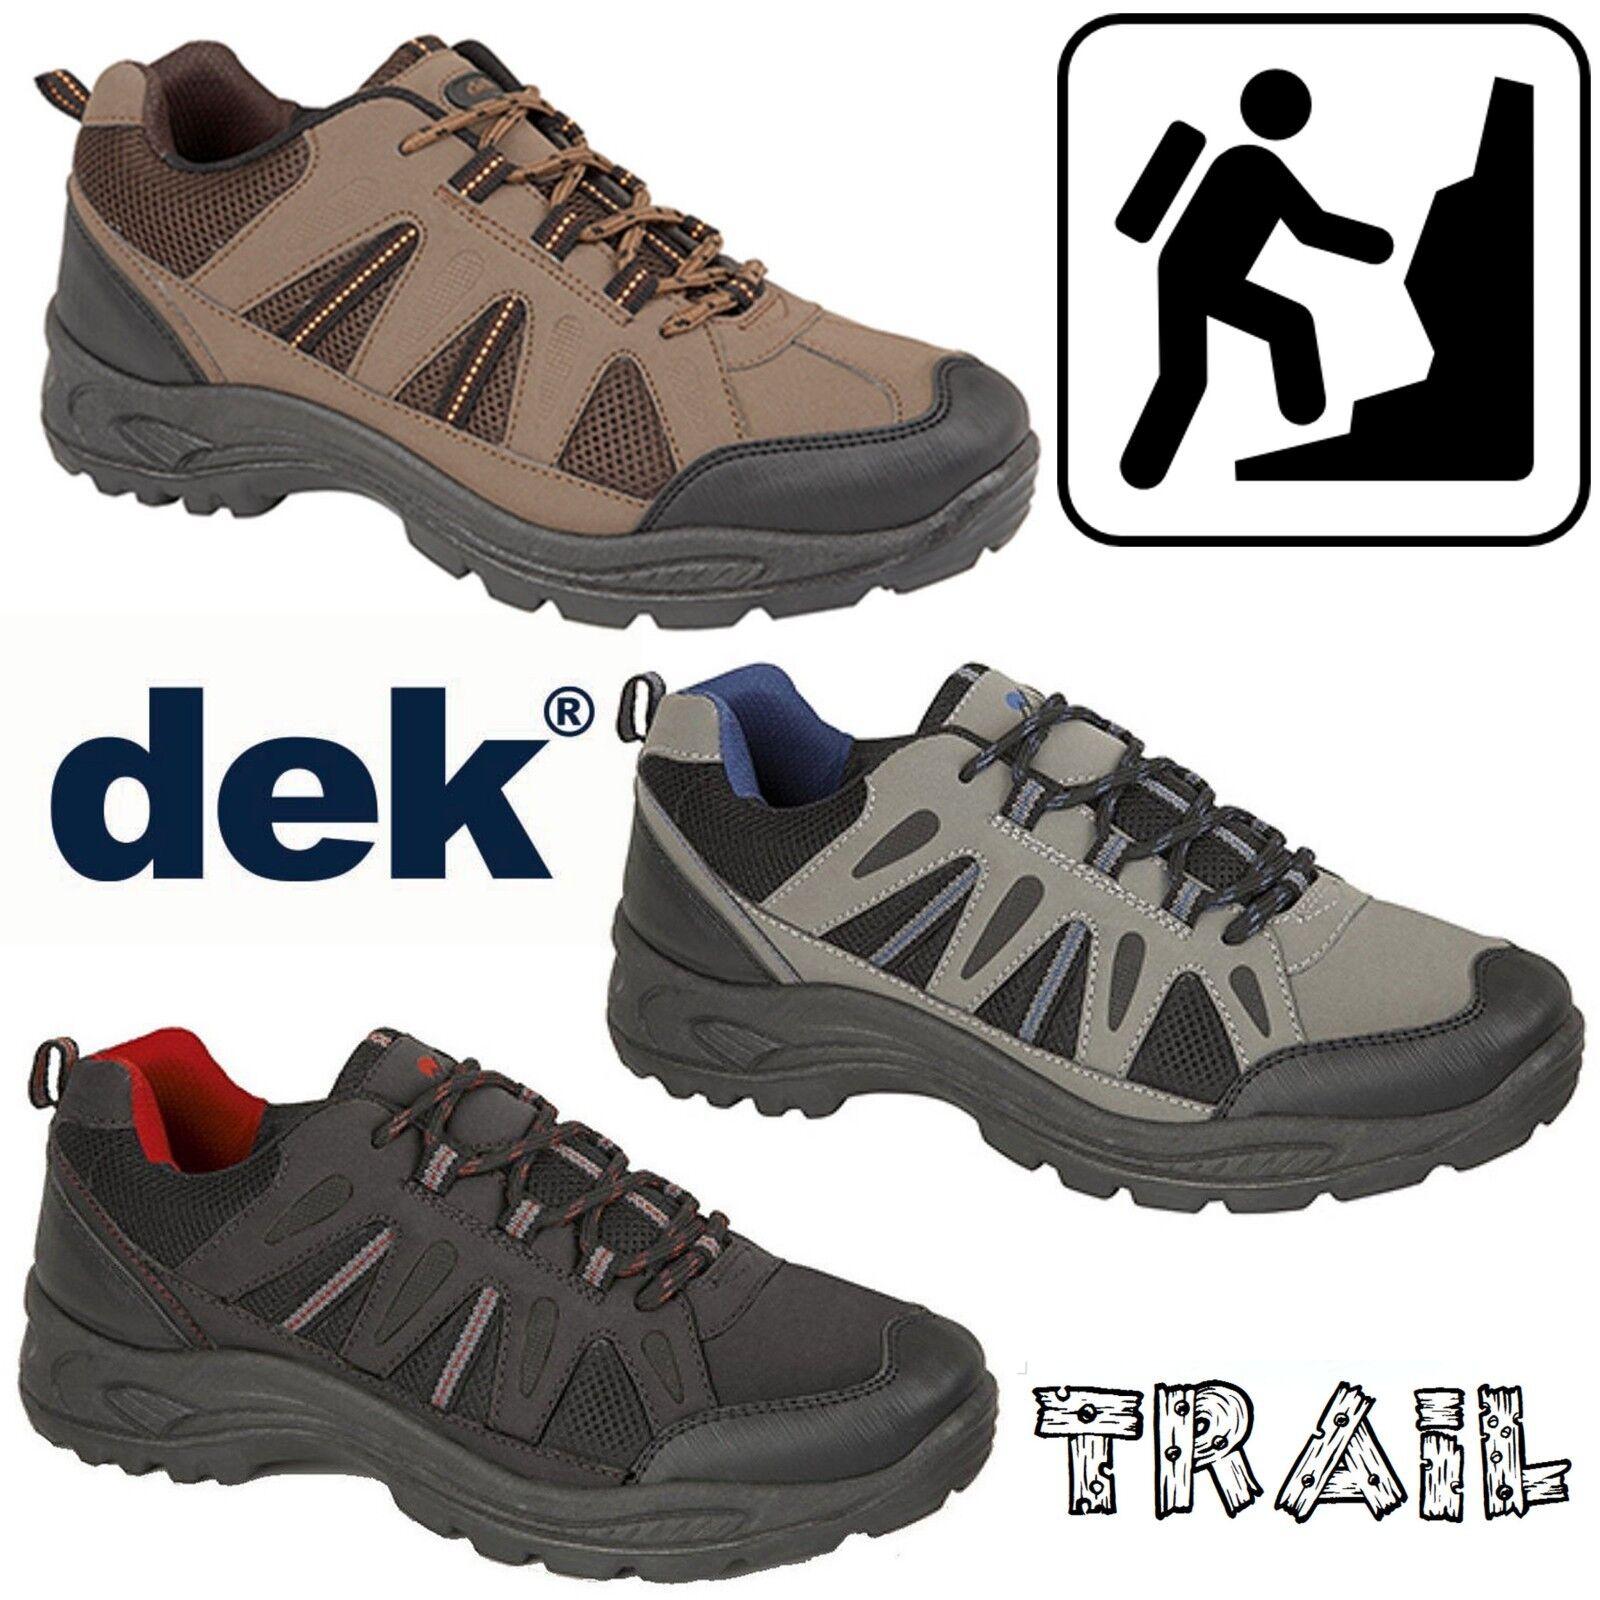 DEK Ghillie Ghillie DEK Up Trail Chaussures Homme Cuir Synthétique trek randonnée en plein air Baskets 5cb9bc